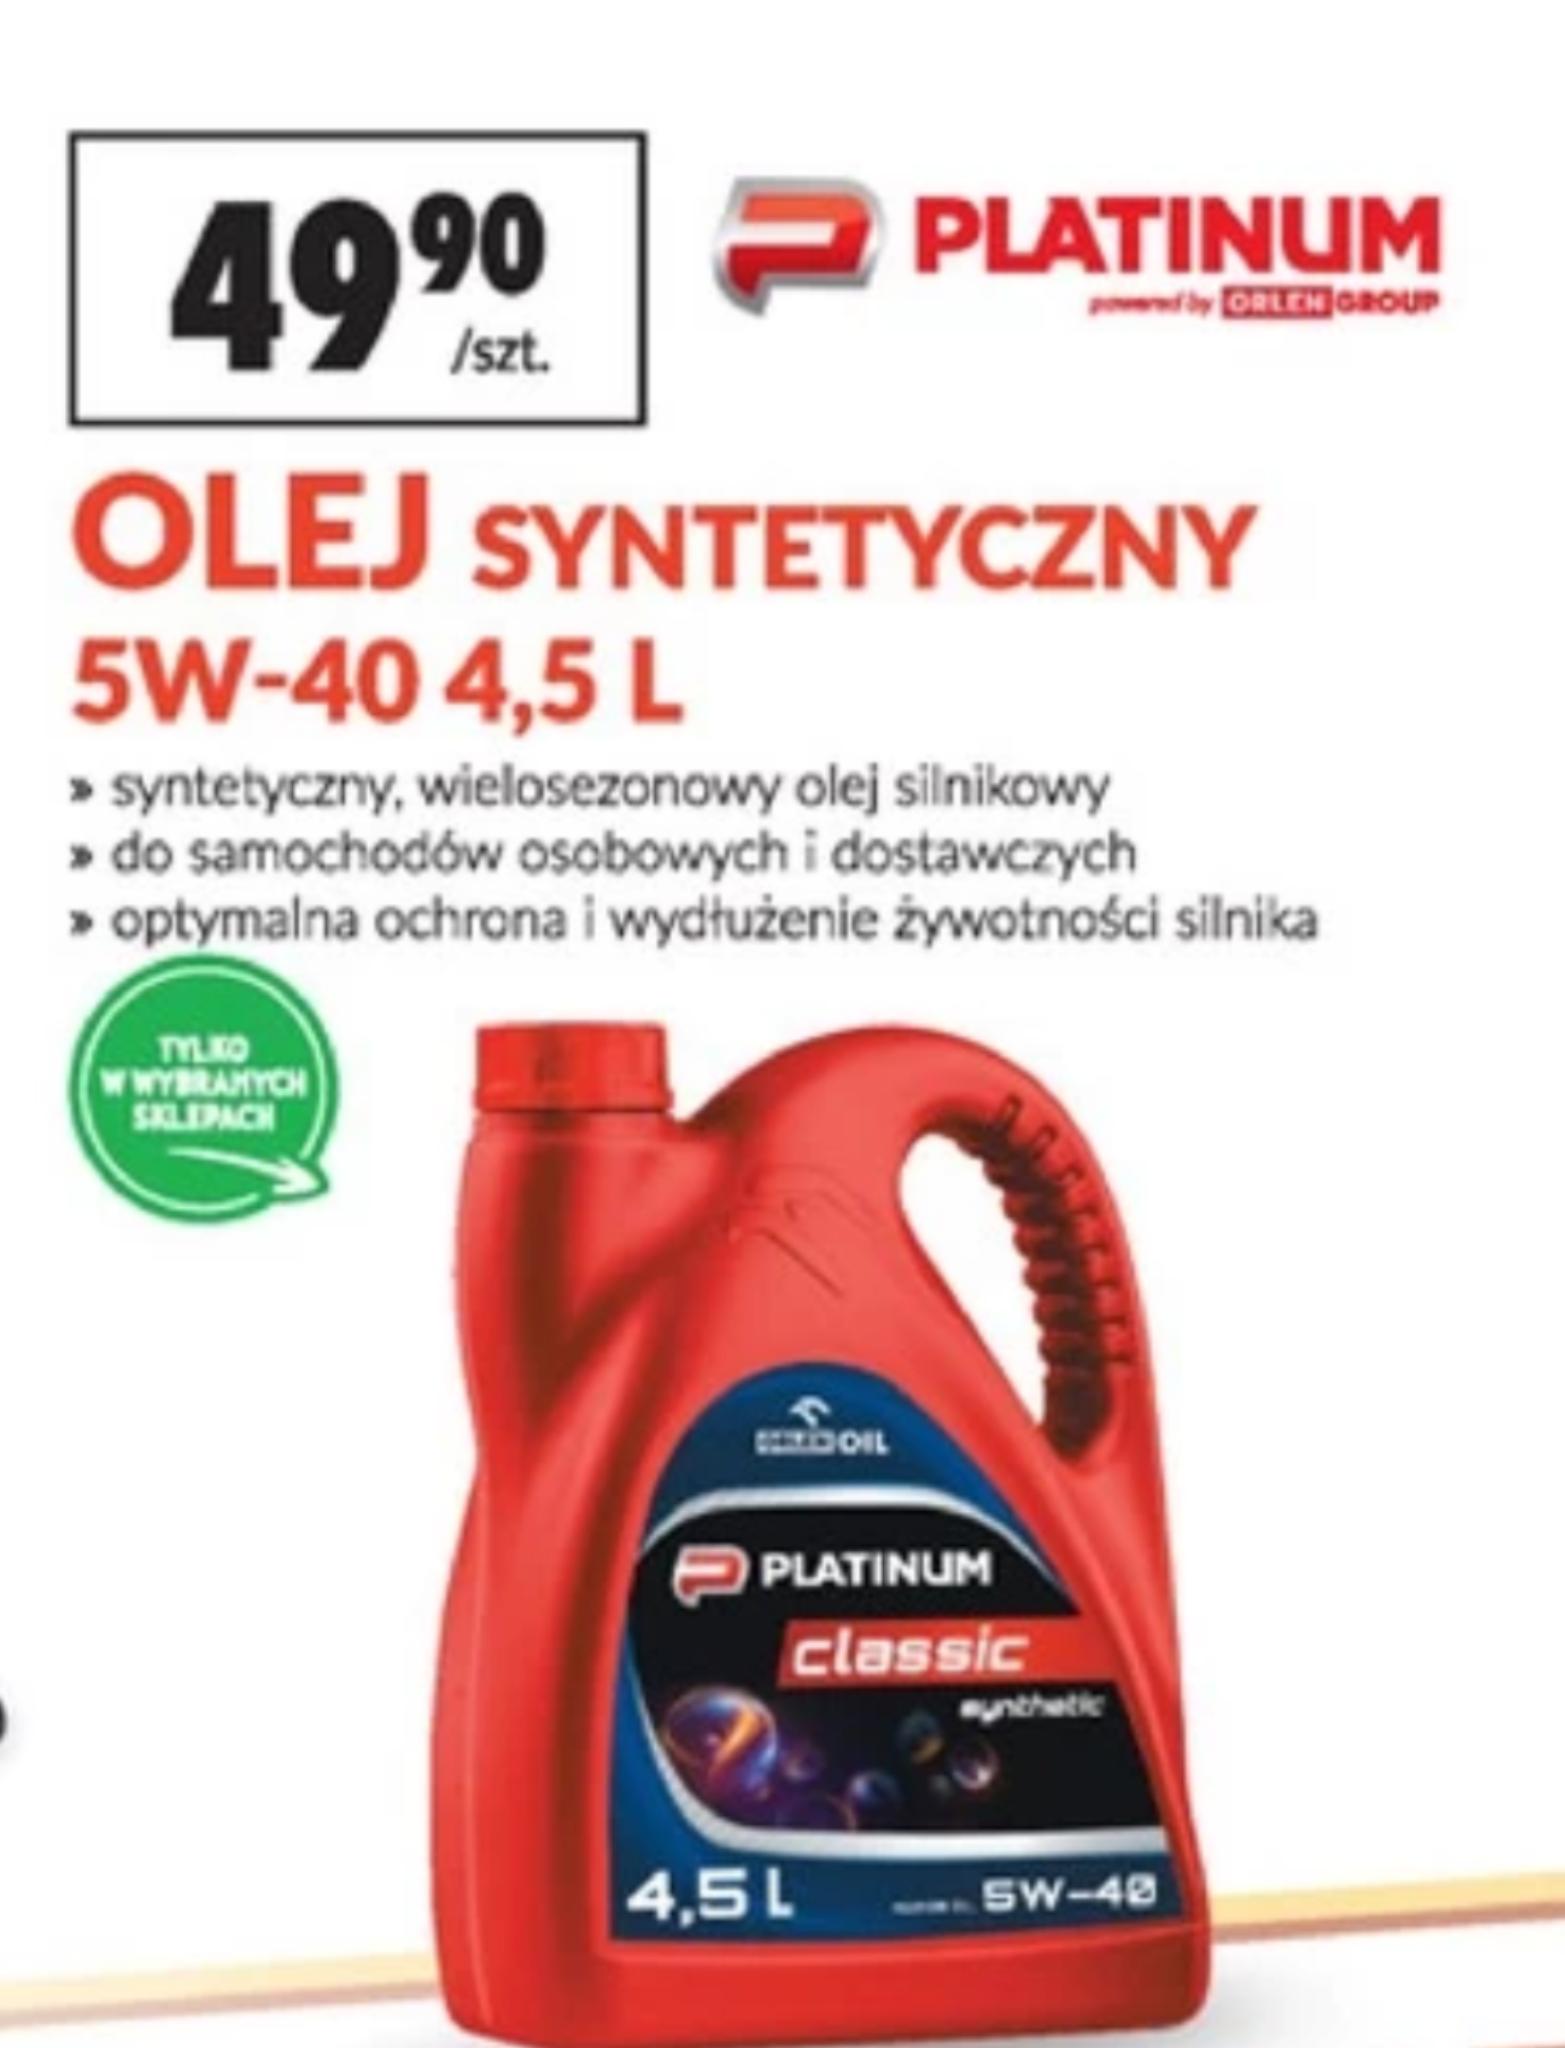 Olej silnikowy Orlen 5w40